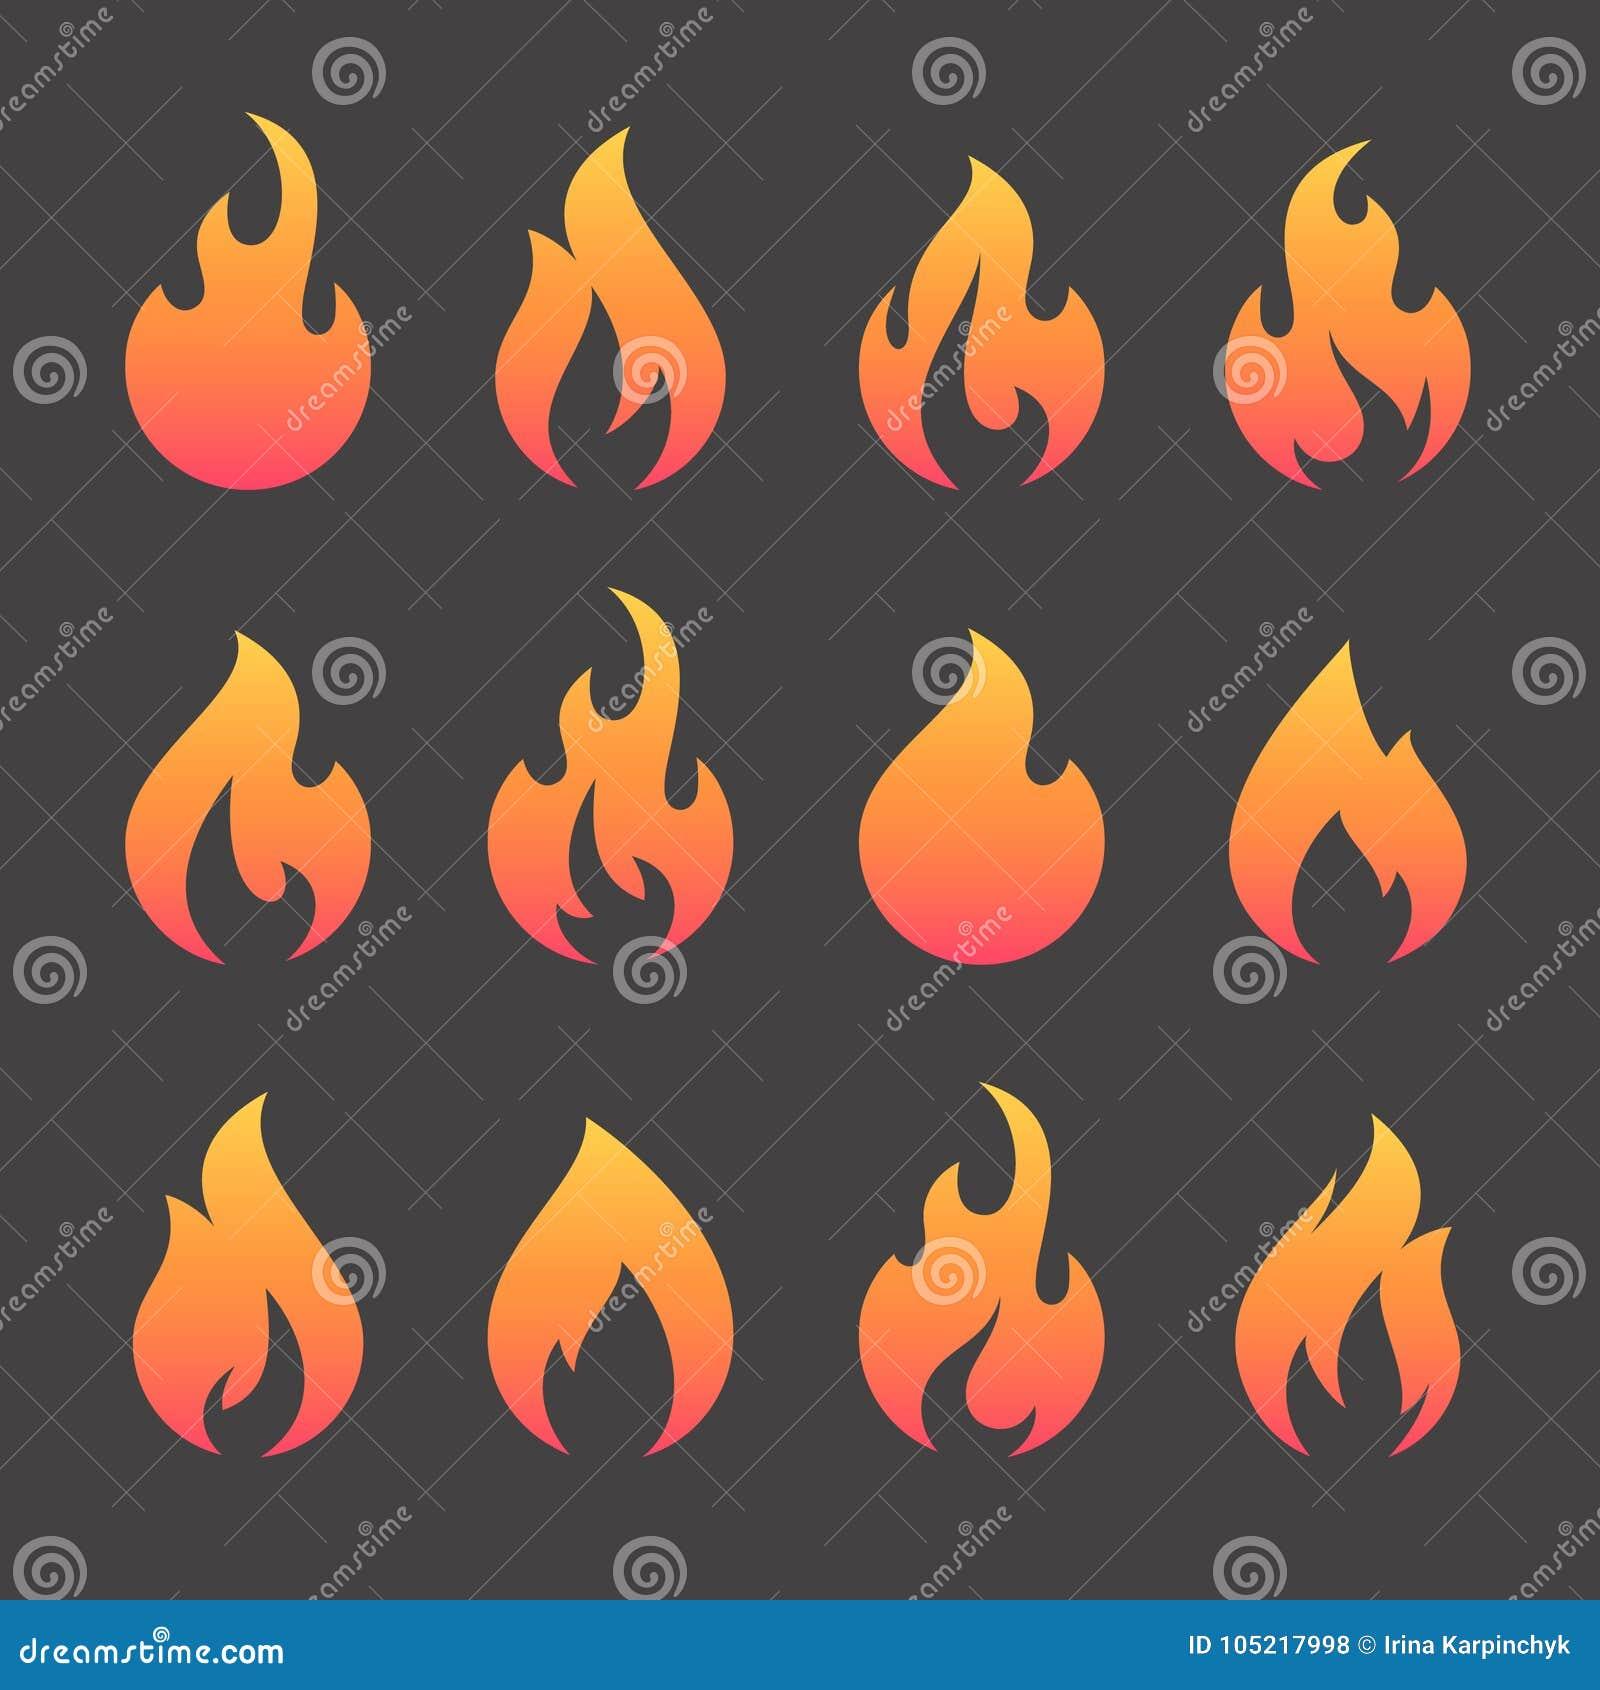 Ogieni płomienie, ustawiają wektorowe ikony opieczenie grill